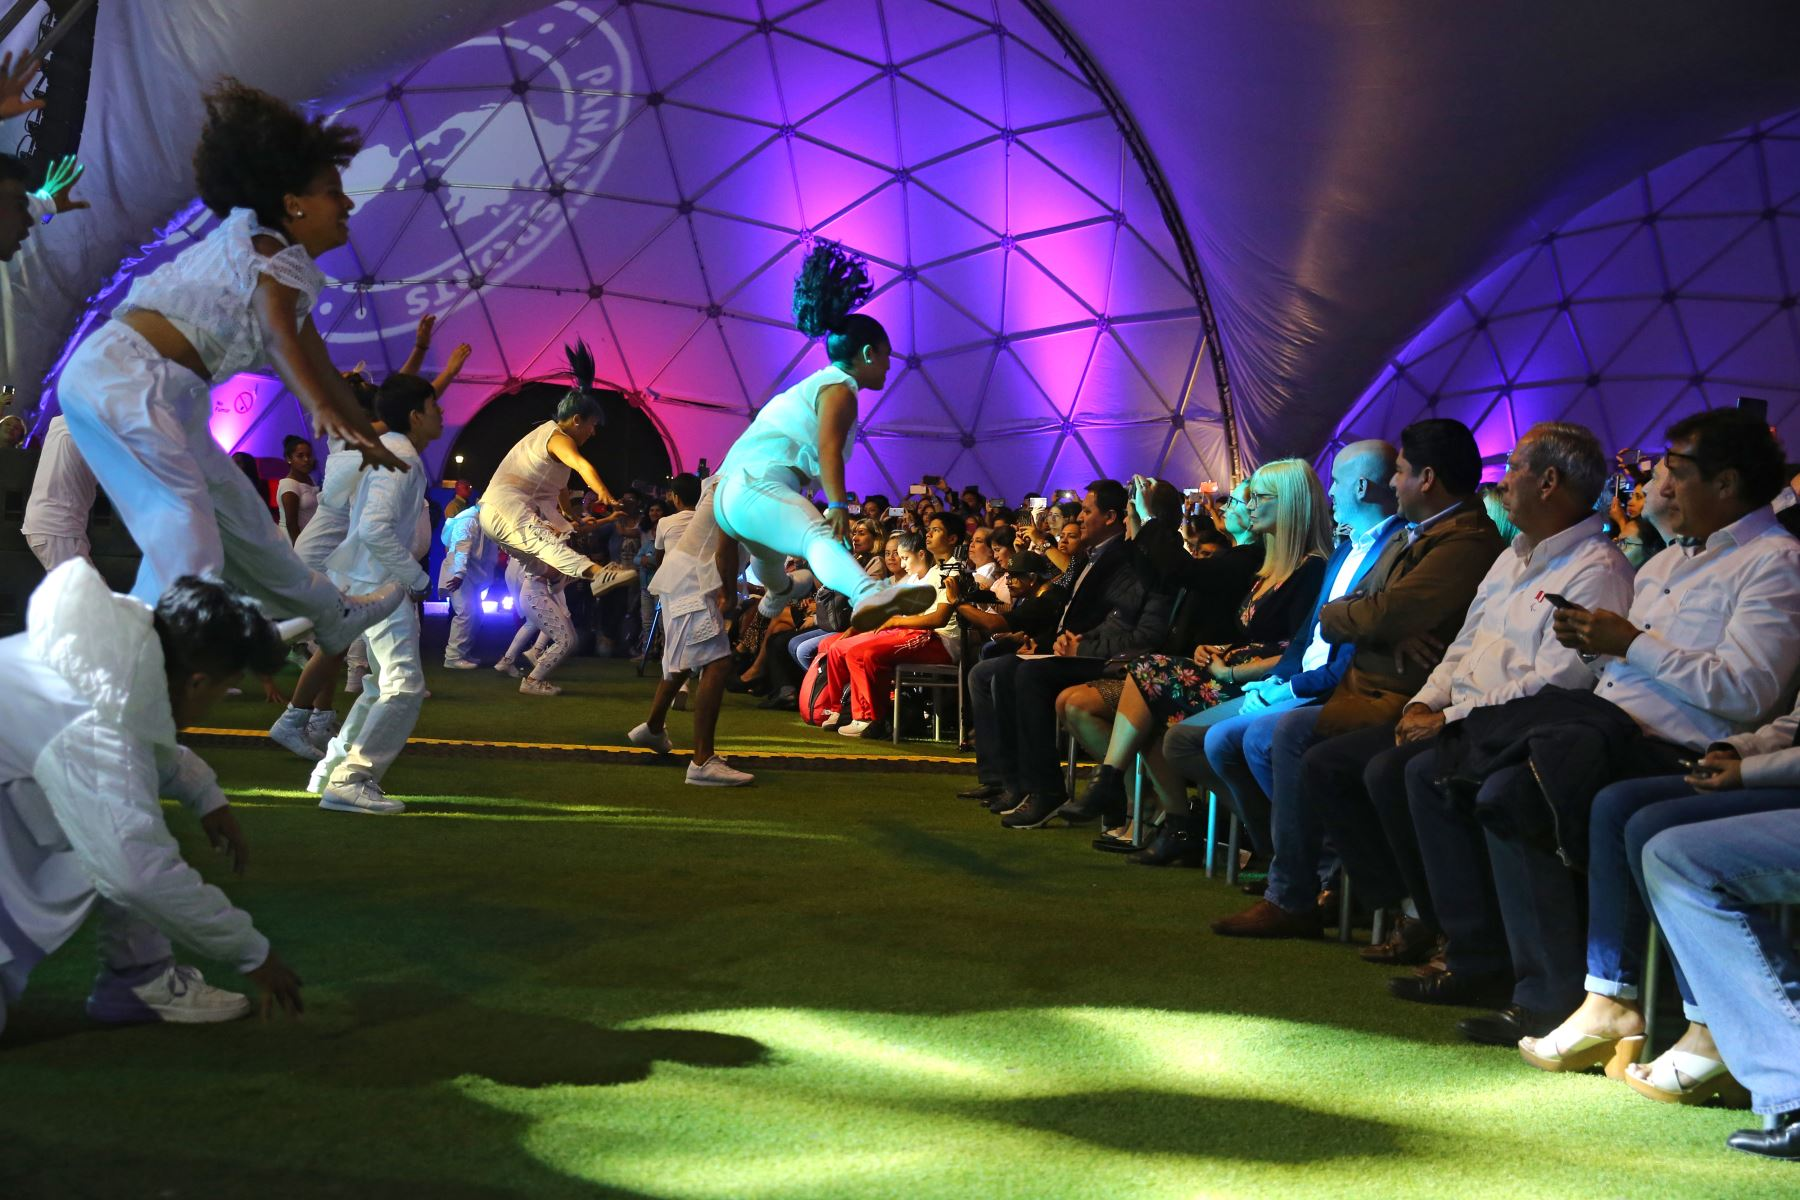 Con gran jubilo los diversos artistas participan en la serenata a 100 días de los juegos Lima 2019. Foto: ANDINA/Vidal Tarqui